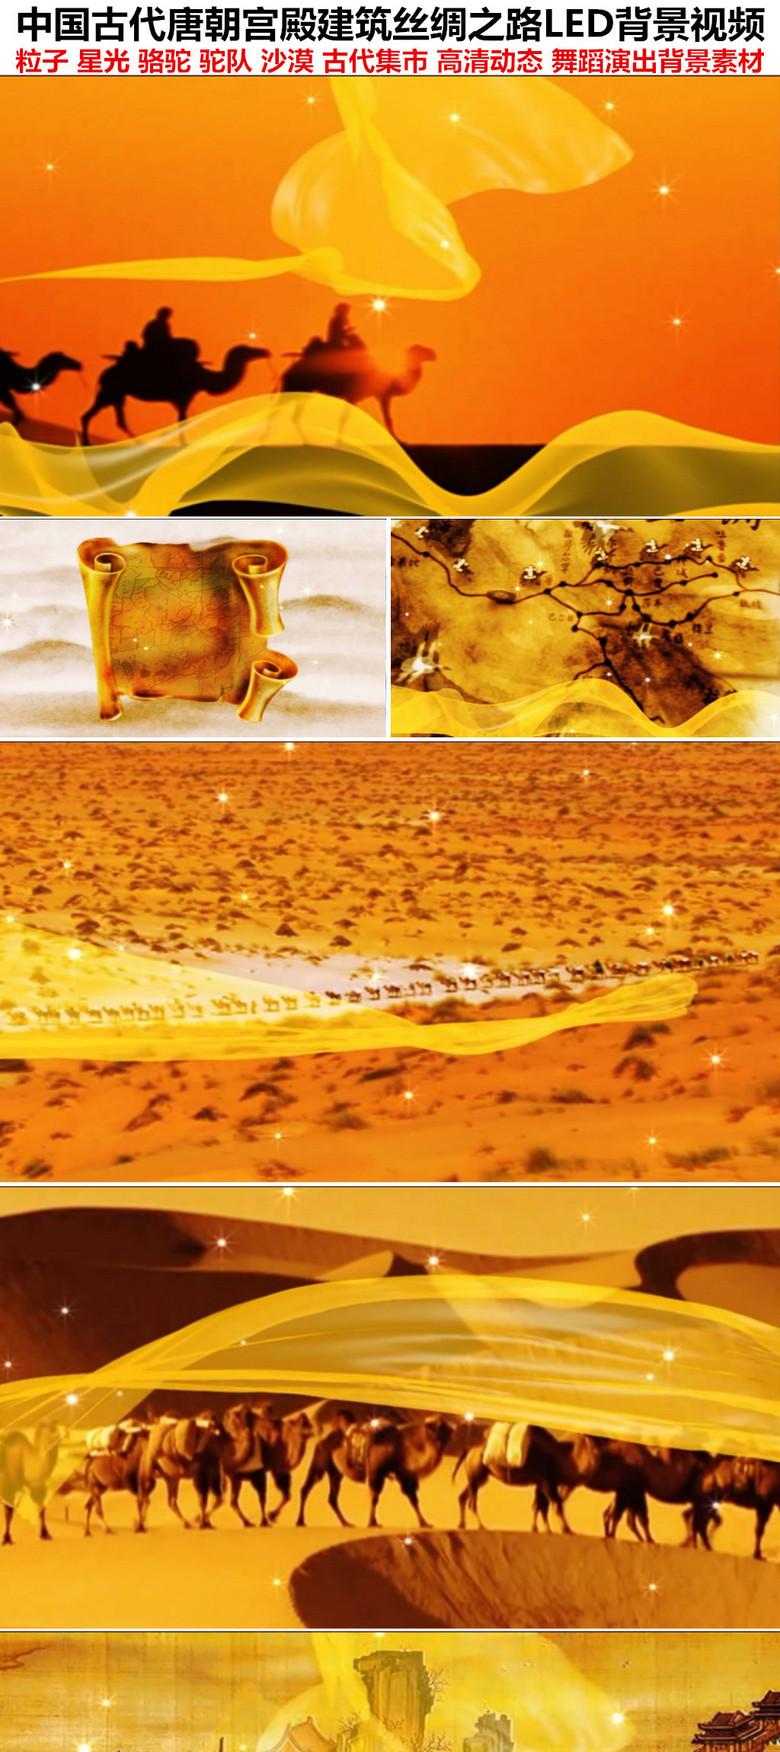 中国古代唐朝宫殿丝绸之路led背景视频